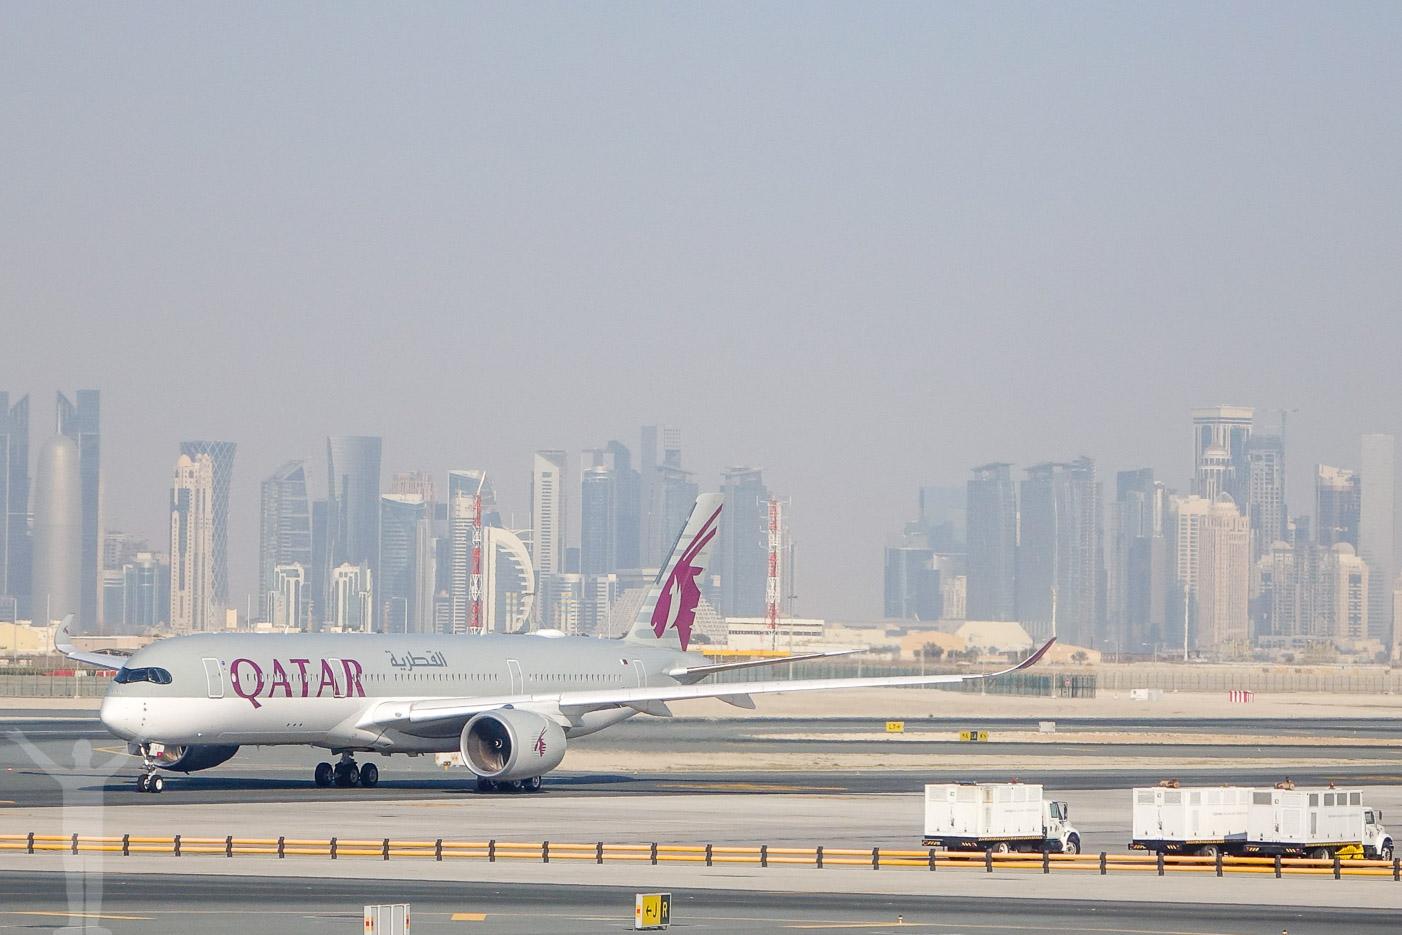 Qatar Airways A350-900 i Doha